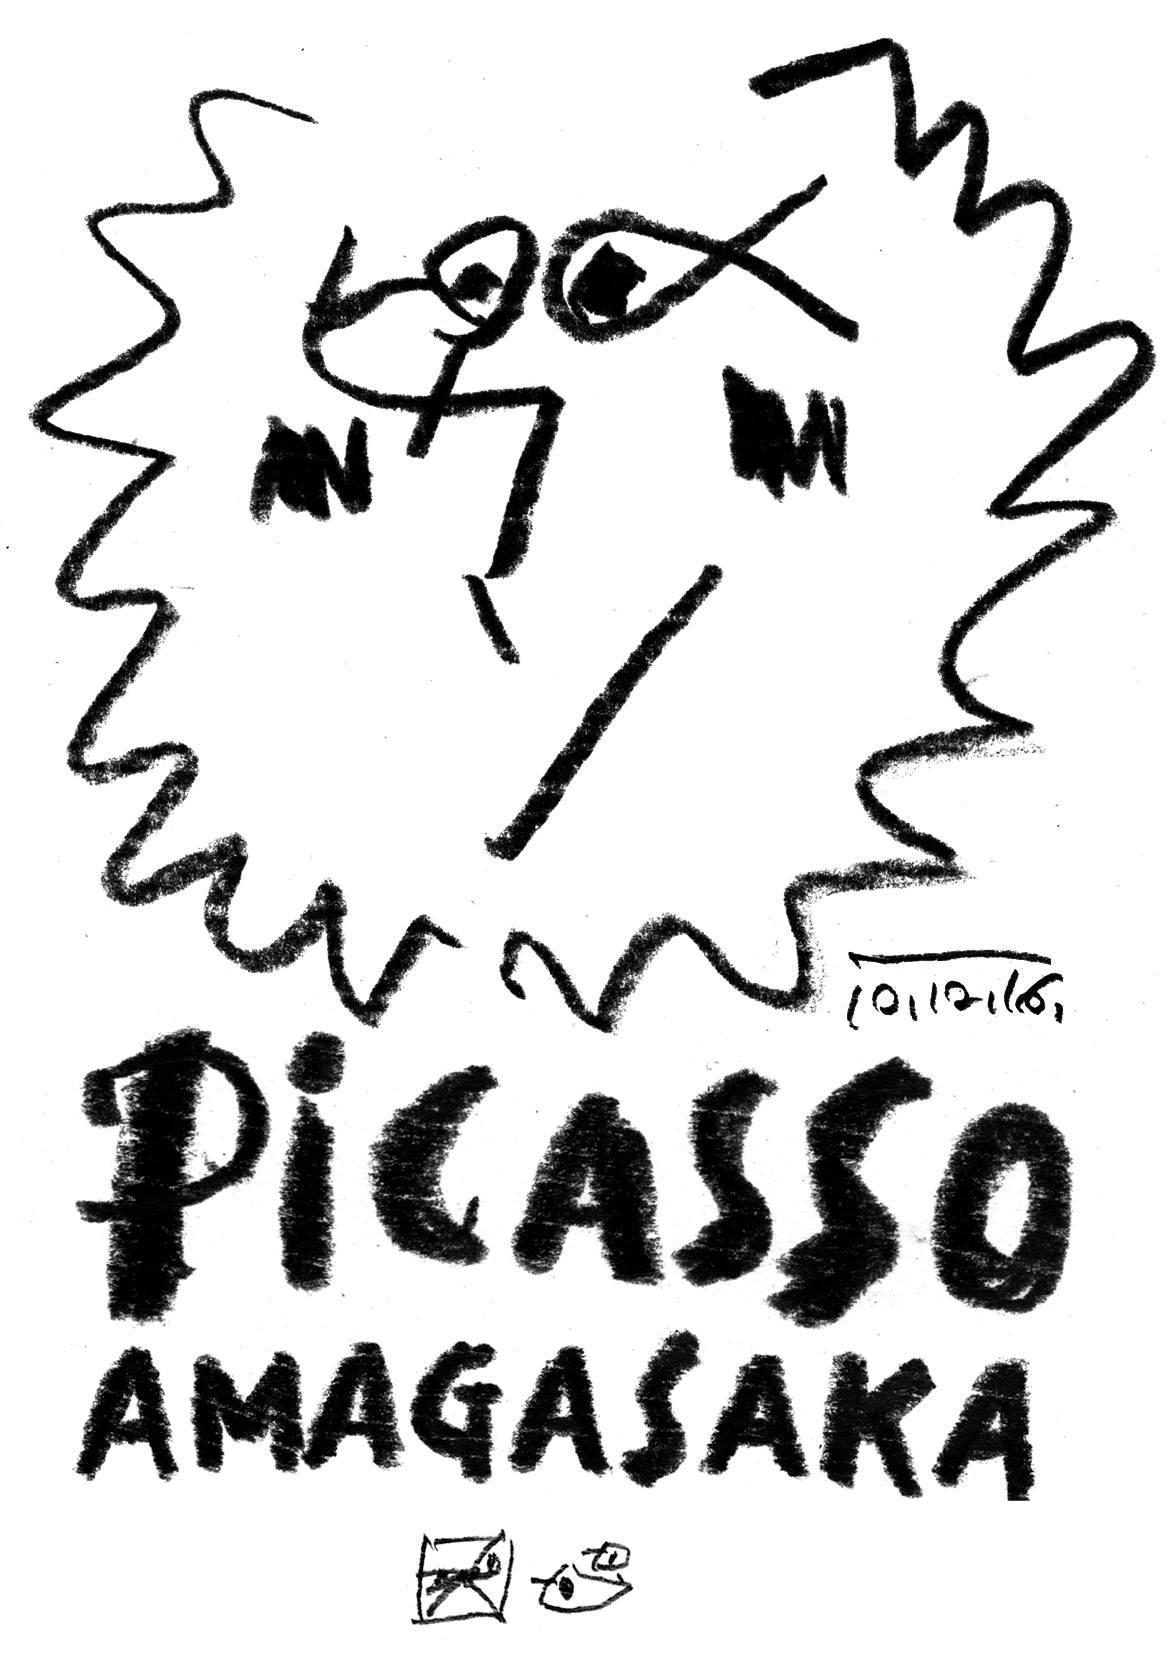 picasso_amagasaka_01